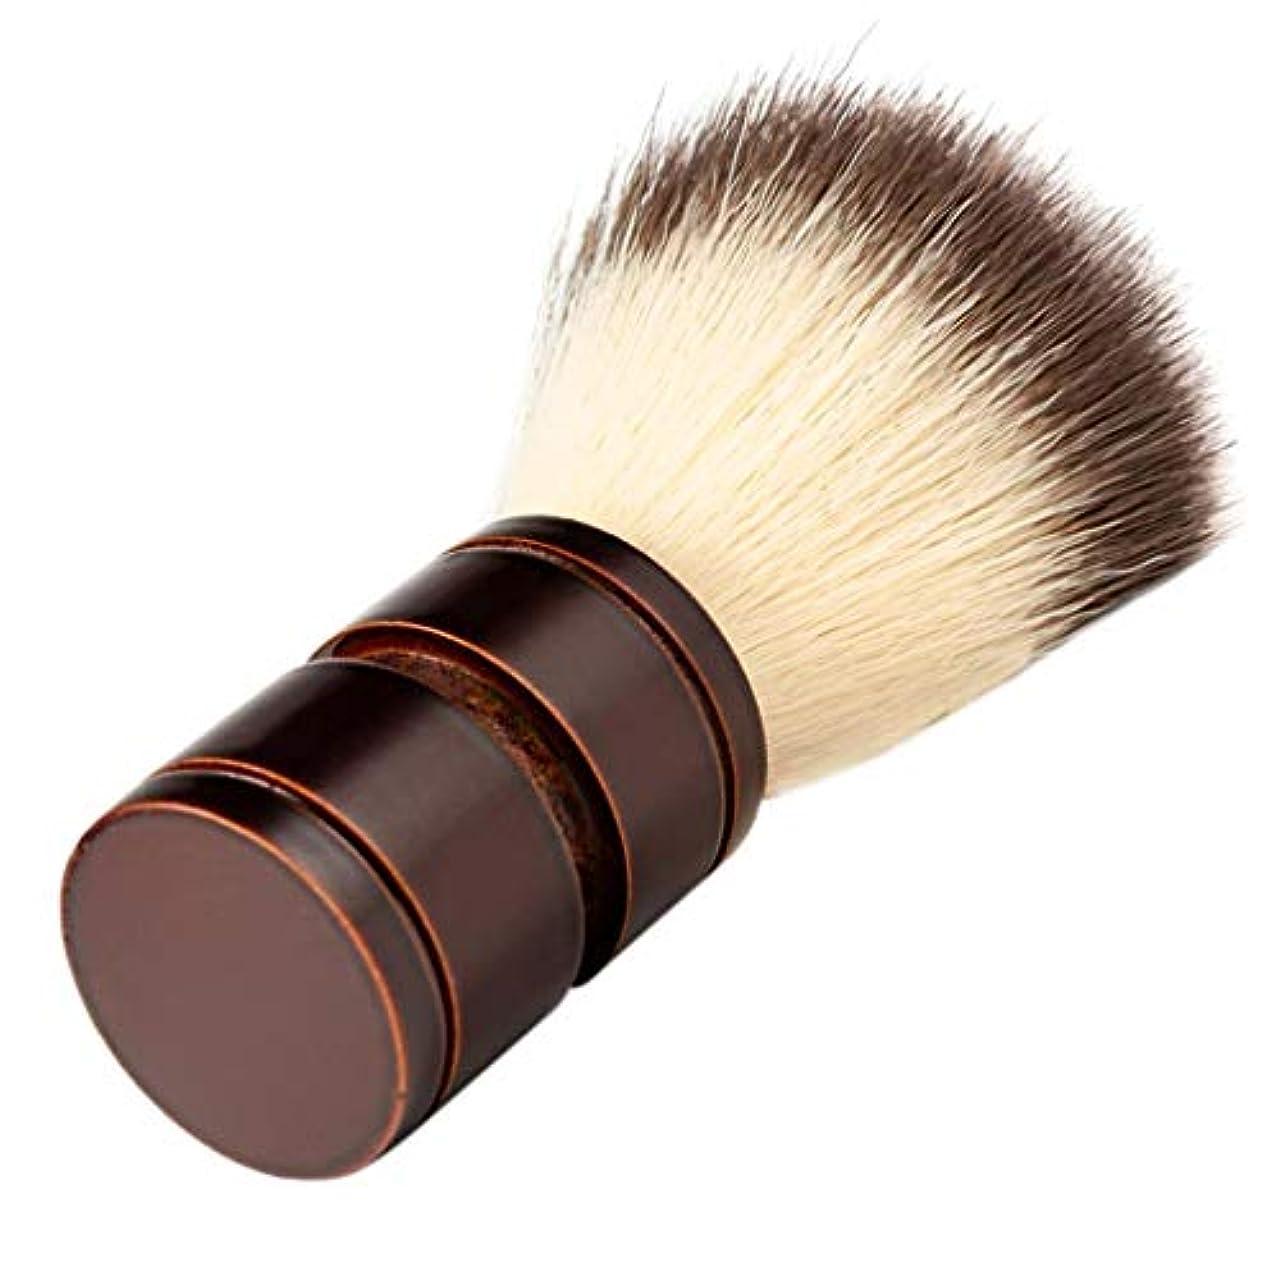 ボア大脳生理シェービング ブラシ メンズ ナイロン ひげブラシ 洗顔ブラシ 理容 洗顔 髭剃り 泡立ち